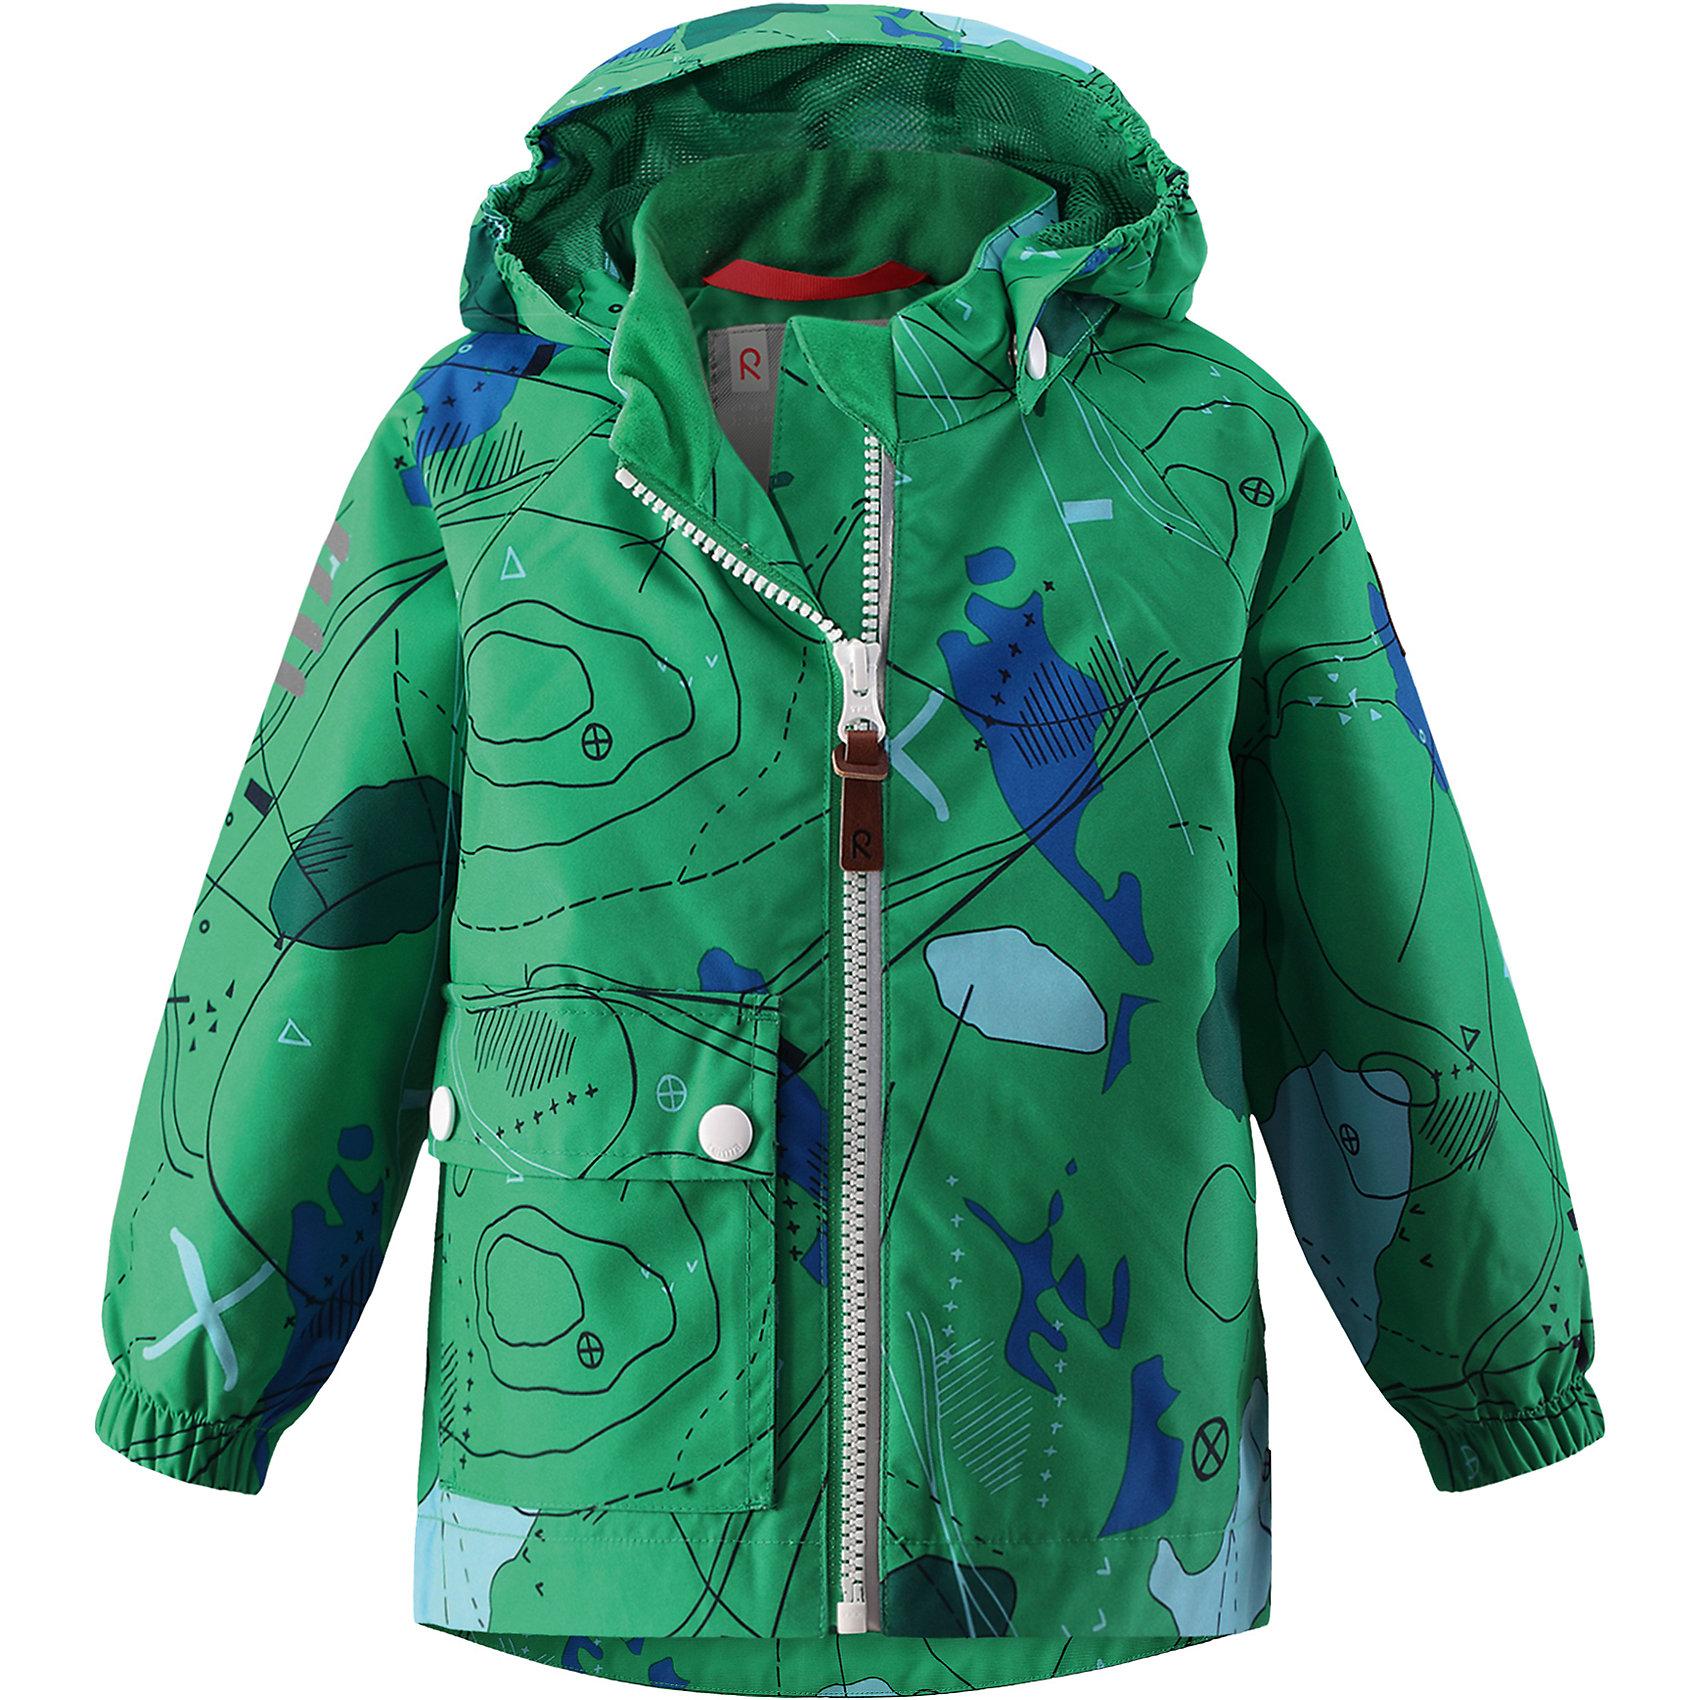 Куртка Leikki для мальчика Reimatec® ReimaХарактеристики товара:<br><br>• цвет: зеленый<br>• состав: 100% полиэстер, полиуретановое покрытие<br>• температурный режим: от +5°до +15°С<br>• водонепроницаемость: 8000 мм<br>• воздухопроницаемость: 5000 мм<br>• износостойкость: 30000 циклов (тест Мартиндейла)<br>• без утеплителя<br>• швы проклеены, водонепроницаемы<br>• водо- и ветронепроницаемый, дышащий, грязеотталкивающий материал<br>• гладкая подкладка из полиэстера<br>• эластичные манжеты<br>• карман с клапаном<br>• светоотражающие детали<br>• комфортная посадка<br>• страна производства: Китай<br>• страна бренда: Финляндия<br>• коллекция: весна-лето 2017<br><br>Верхняя одежда для детей может быть модной и комфортной одновременно! Демисезонная куртка поможет обеспечить ребенку комфорт и тепло. Она отлично смотрится с различной одеждой и обувью. Изделие удобно сидит и модно выглядит. Материал - прочный, хорошо подходящий для межсезонья, водо- и ветронепроницаемый, «дышащий». Стильный дизайн разрабатывался специально для детей.<br><br>Одежда и обувь от финского бренда Reima пользуется популярностью во многих странах. Эти изделия стильные, качественные и удобные. Для производства продукции используются только безопасные, проверенные материалы и фурнитура. Порадуйте ребенка модными и красивыми вещами от Reima! <br><br>Куртку для мальчика Reimatec® от финского бренда Reima (Рейма) можно купить в нашем интернет-магазине.<br><br>Ширина мм: 356<br>Глубина мм: 10<br>Высота мм: 245<br>Вес г: 519<br>Цвет: зеленый<br>Возраст от месяцев: 24<br>Возраст до месяцев: 36<br>Пол: Мужской<br>Возраст: Детский<br>Размер: 80,92,74,86,98<br>SKU: 5265544